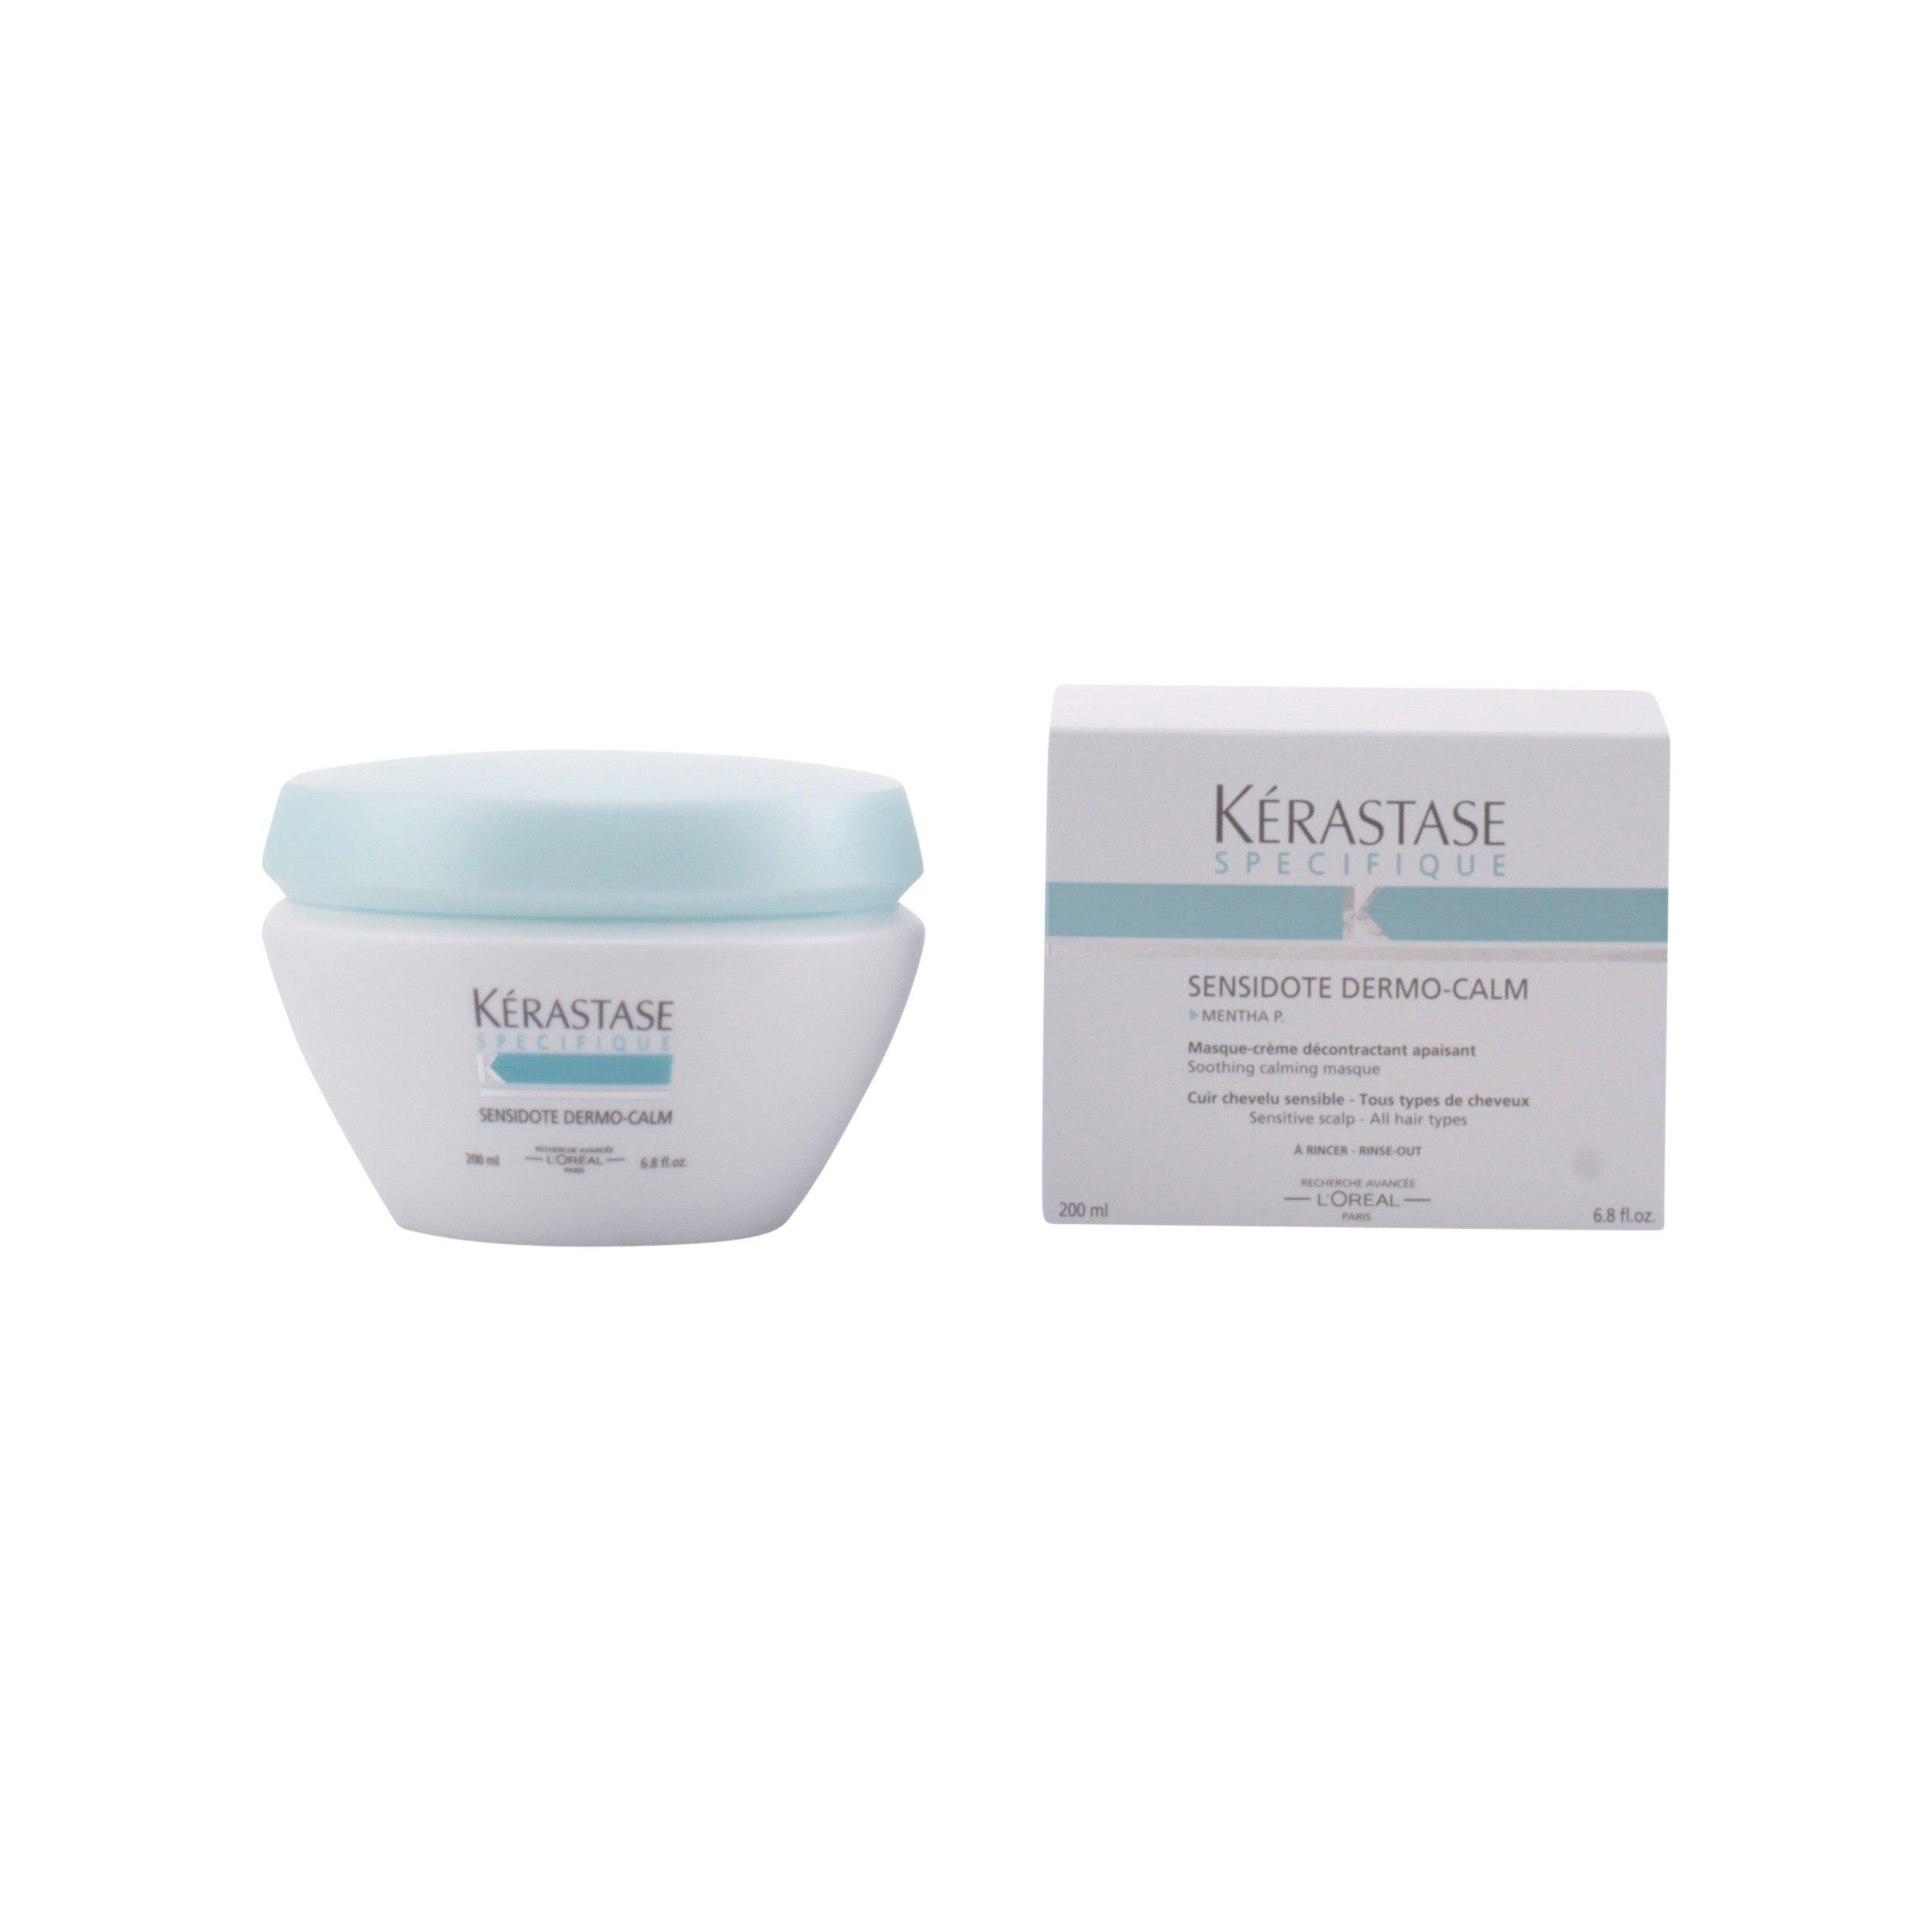 Kerastase Specifique Sensidote Dermo-Calm Masque, 6.8 Ounce